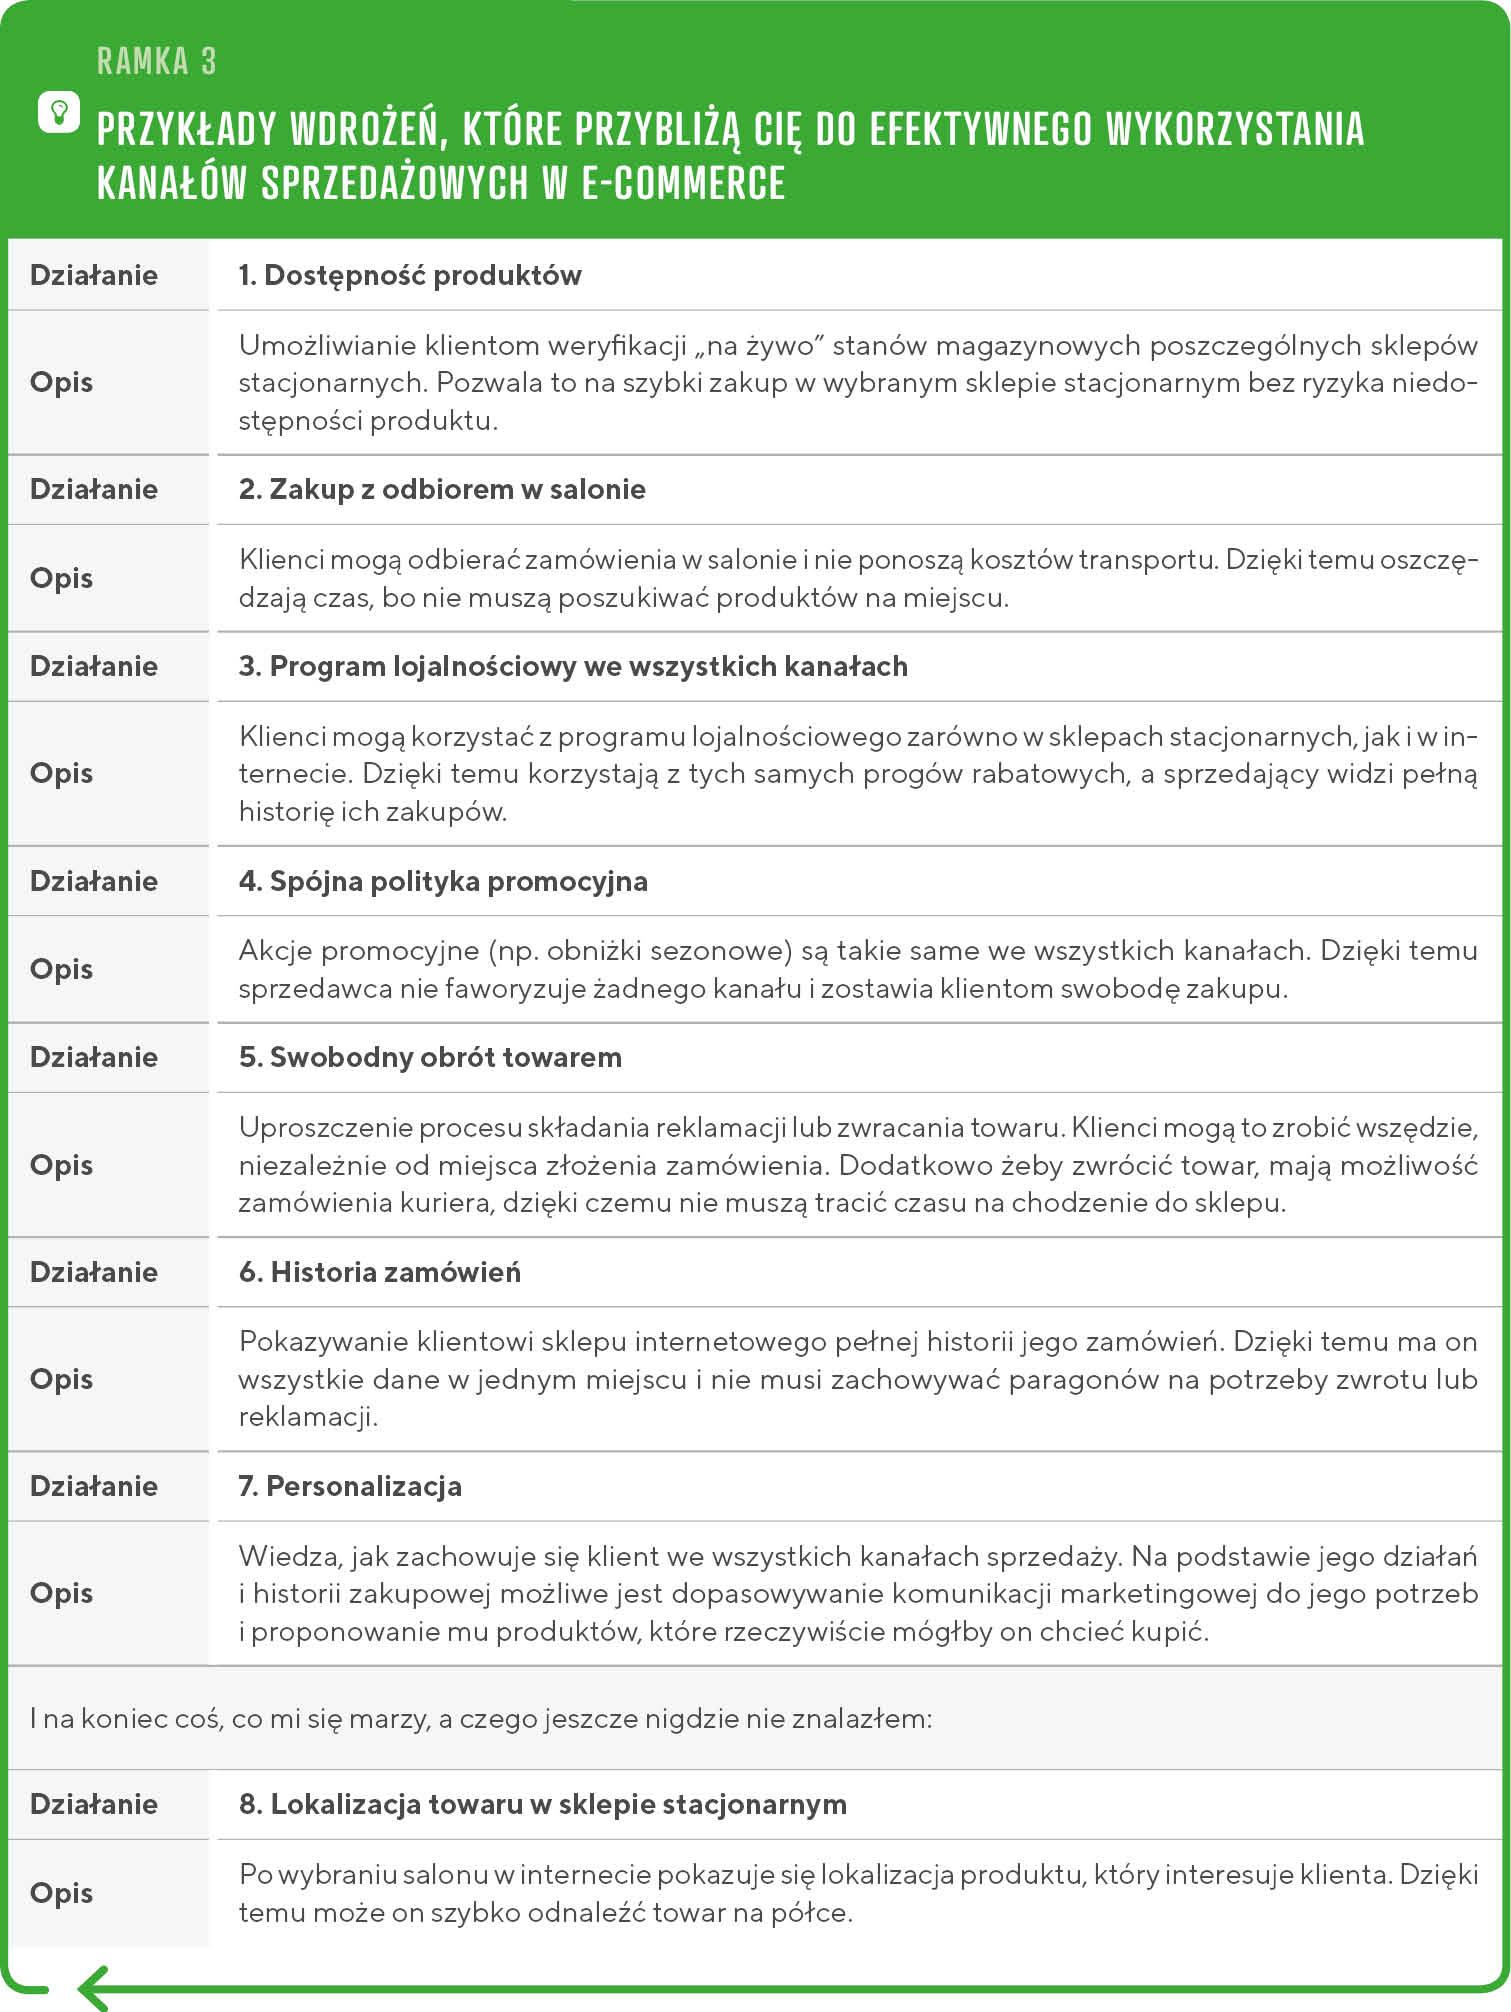 Przykłady wdrożeń wszechkanałowości